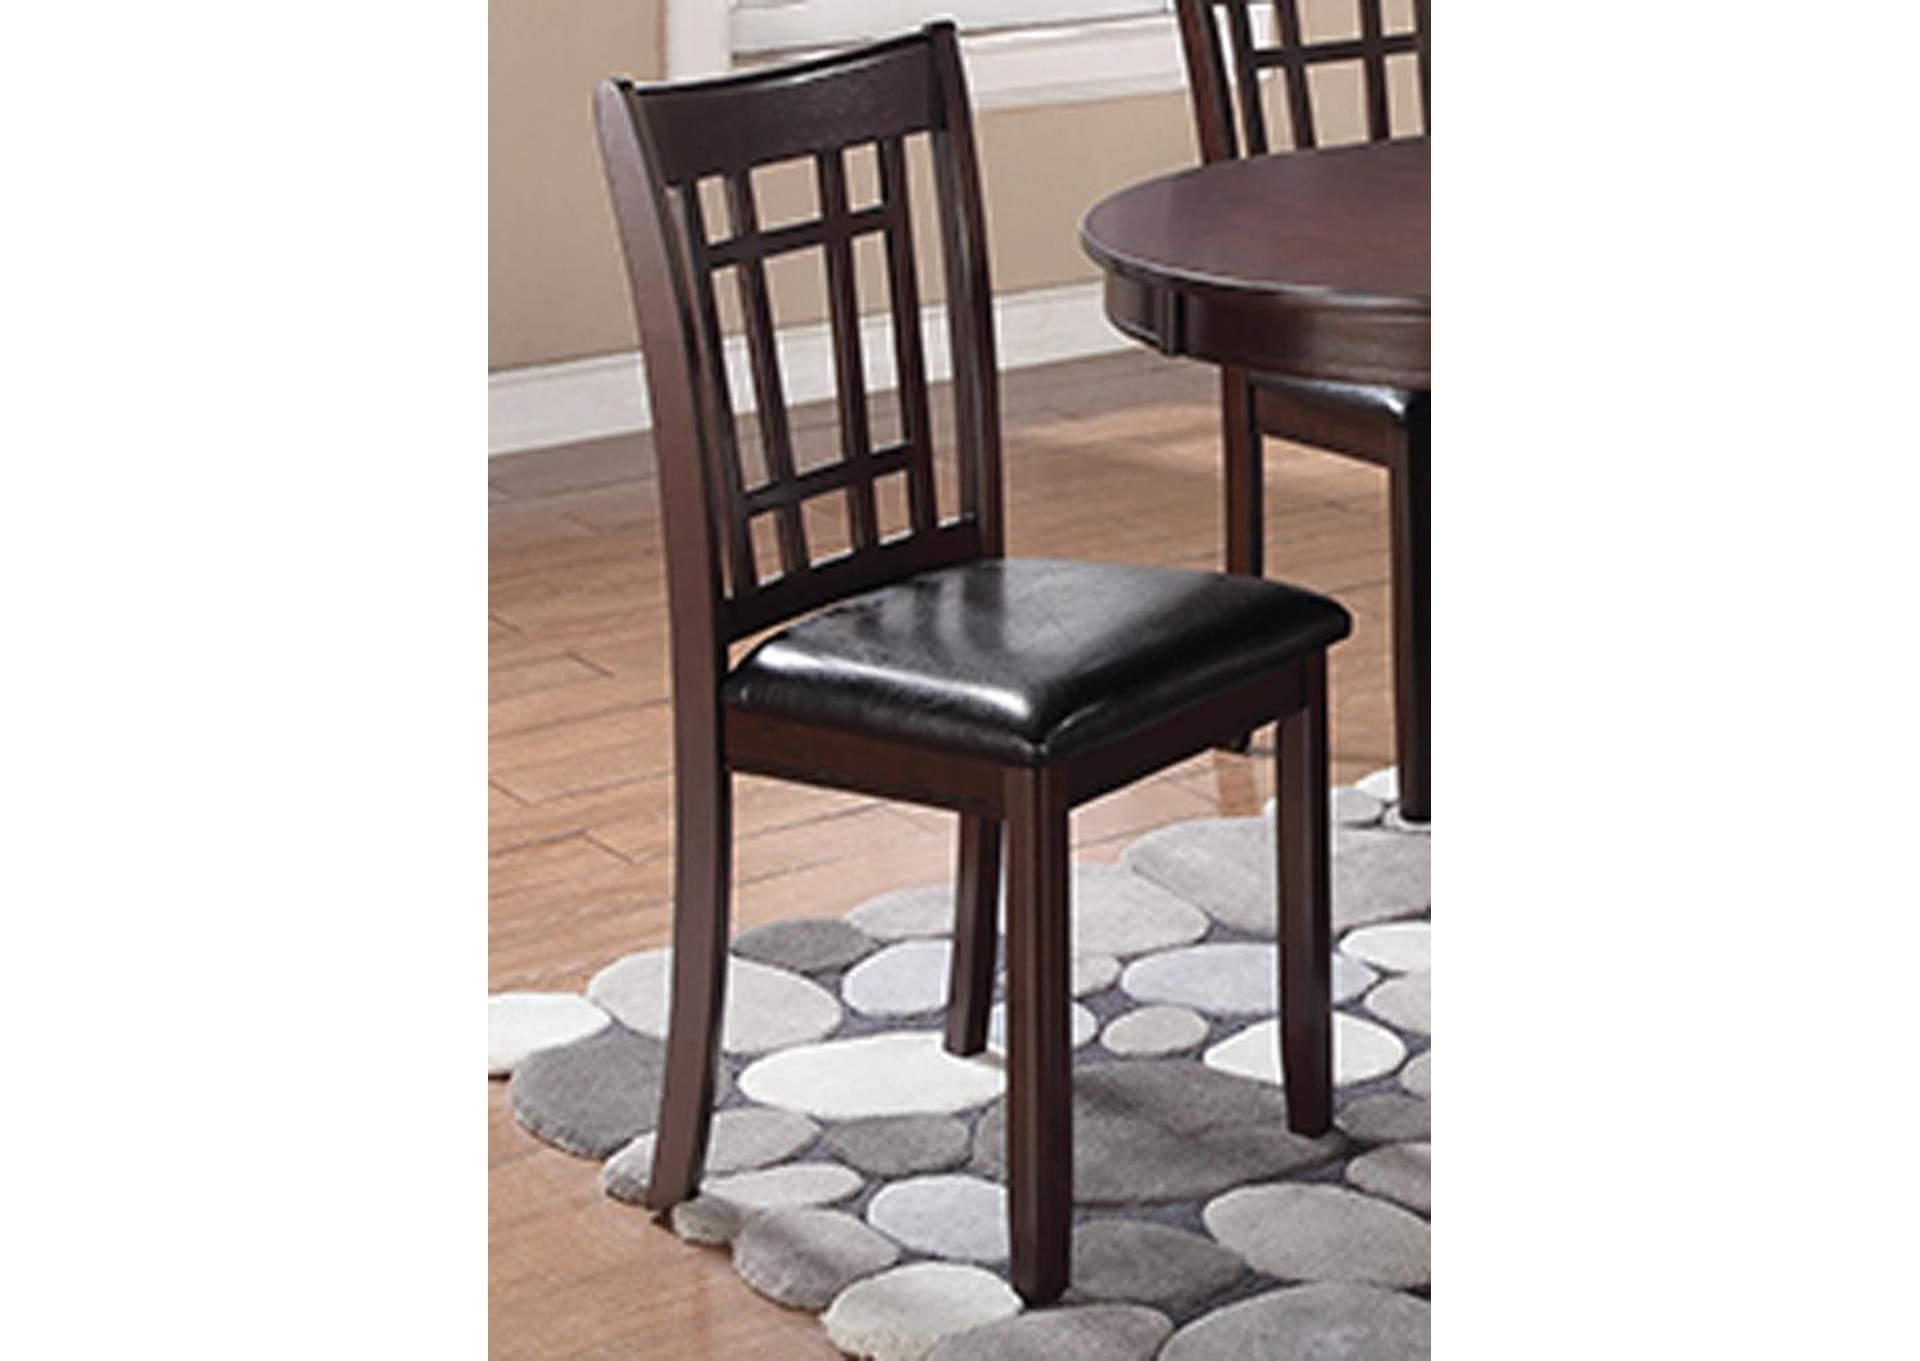 Tallahassee Discount Furniture Tallahassee FL Lavon  : 102672 from www.tallahasseediscountfurniture.com size 1050 x 744 jpeg 43kB